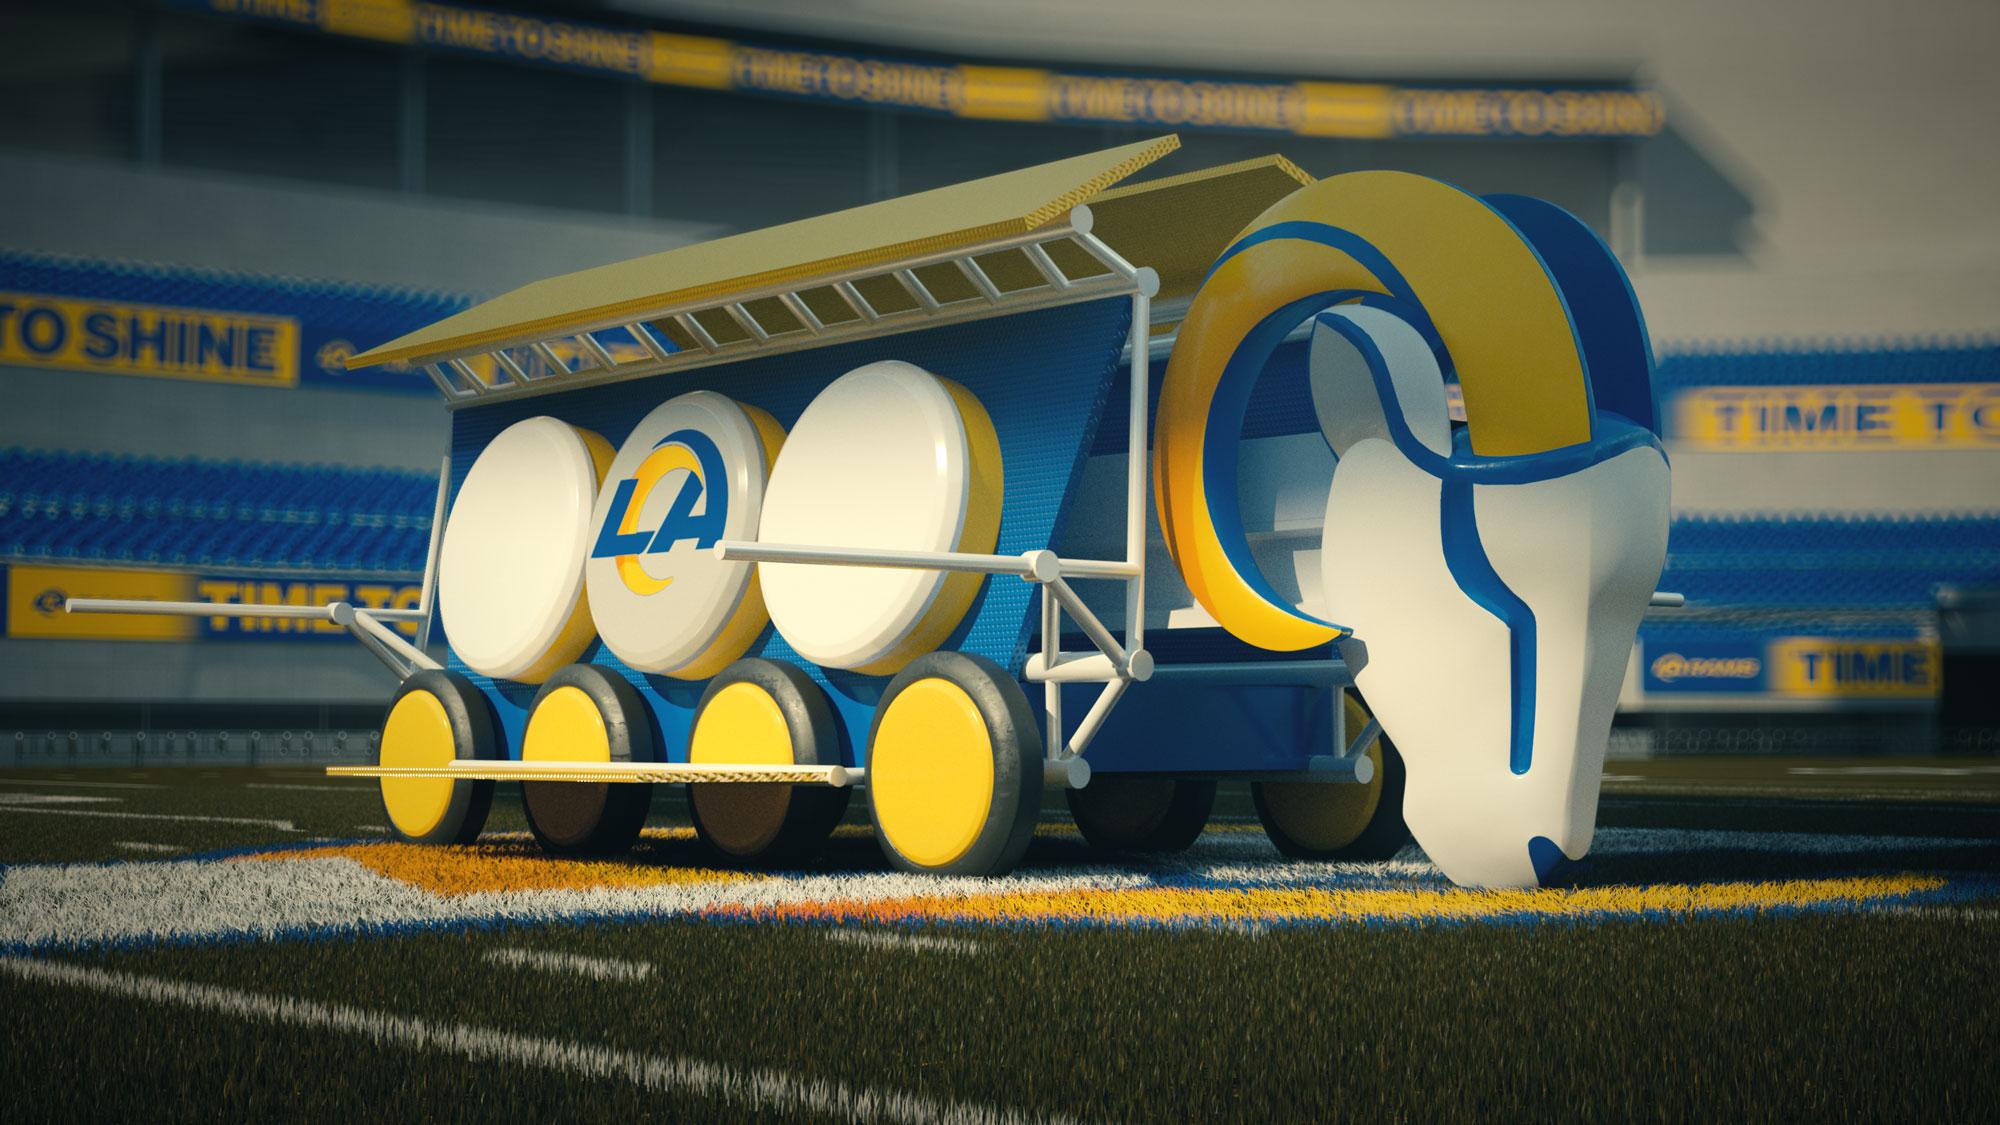 LA Rams mascot concept design